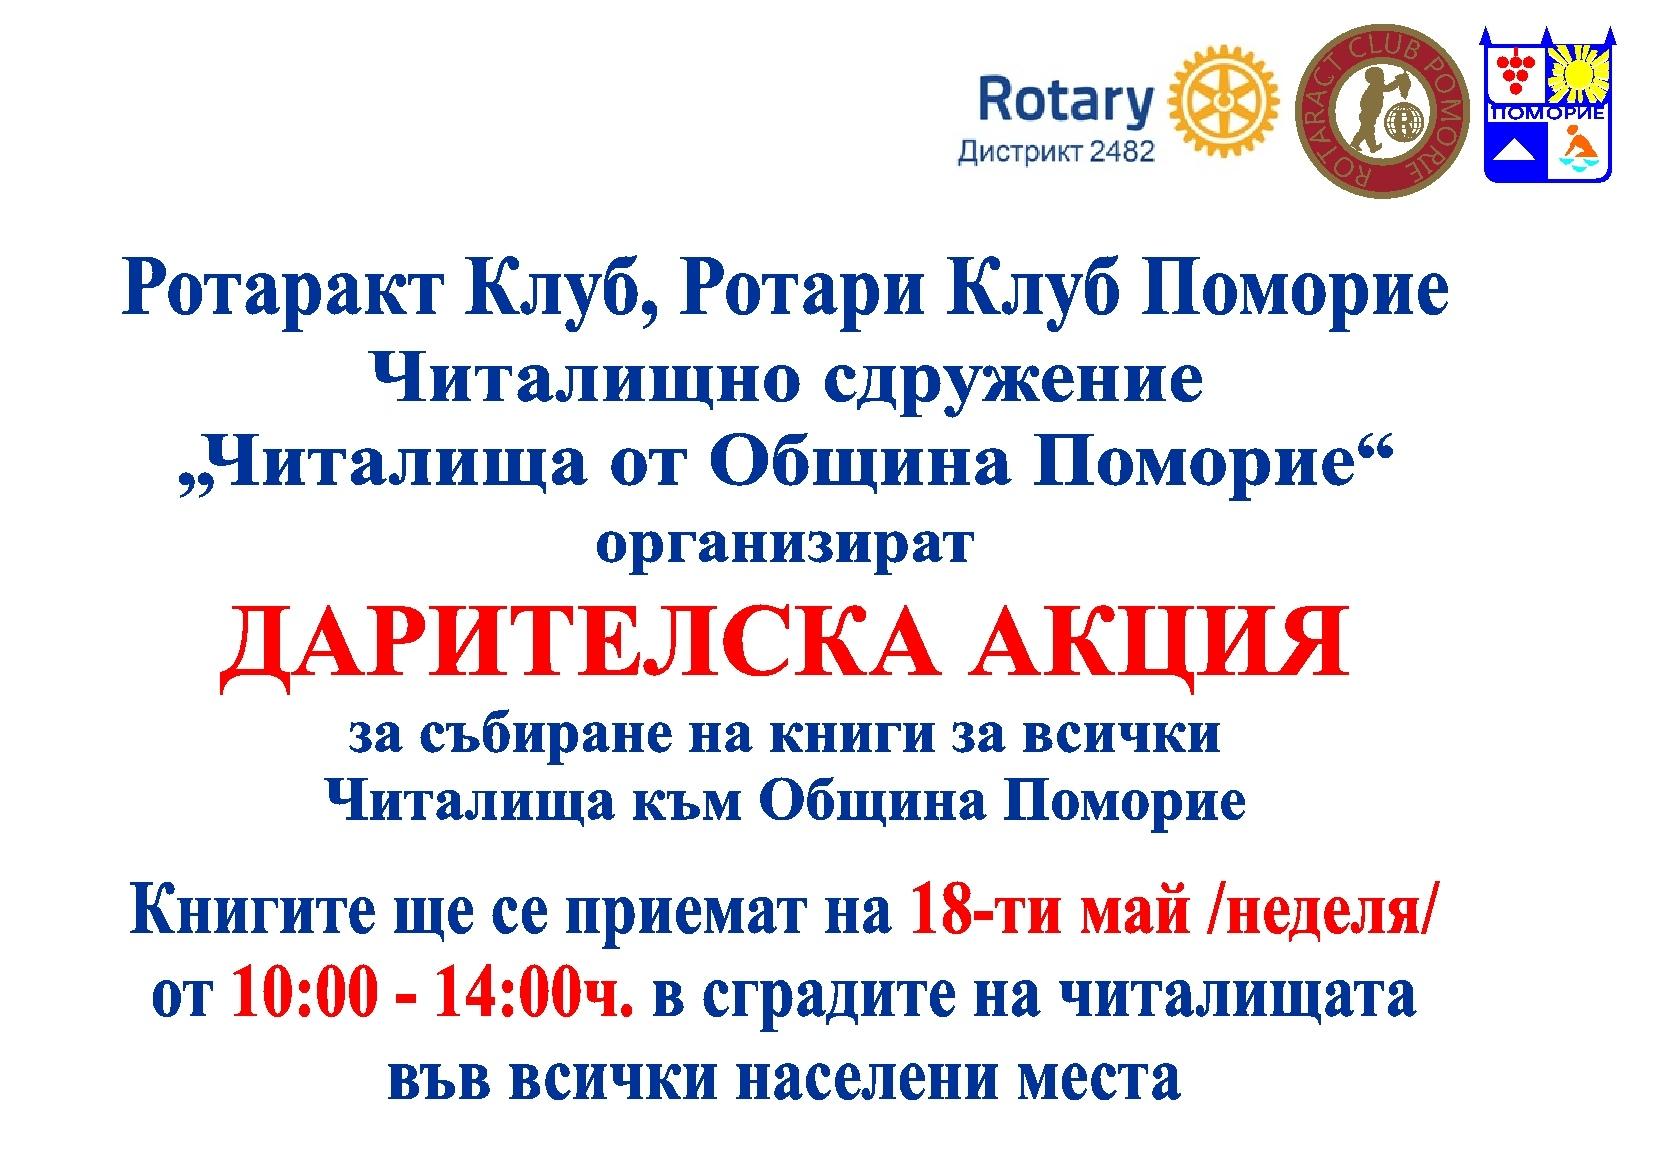 daritelska_akciya_knigi